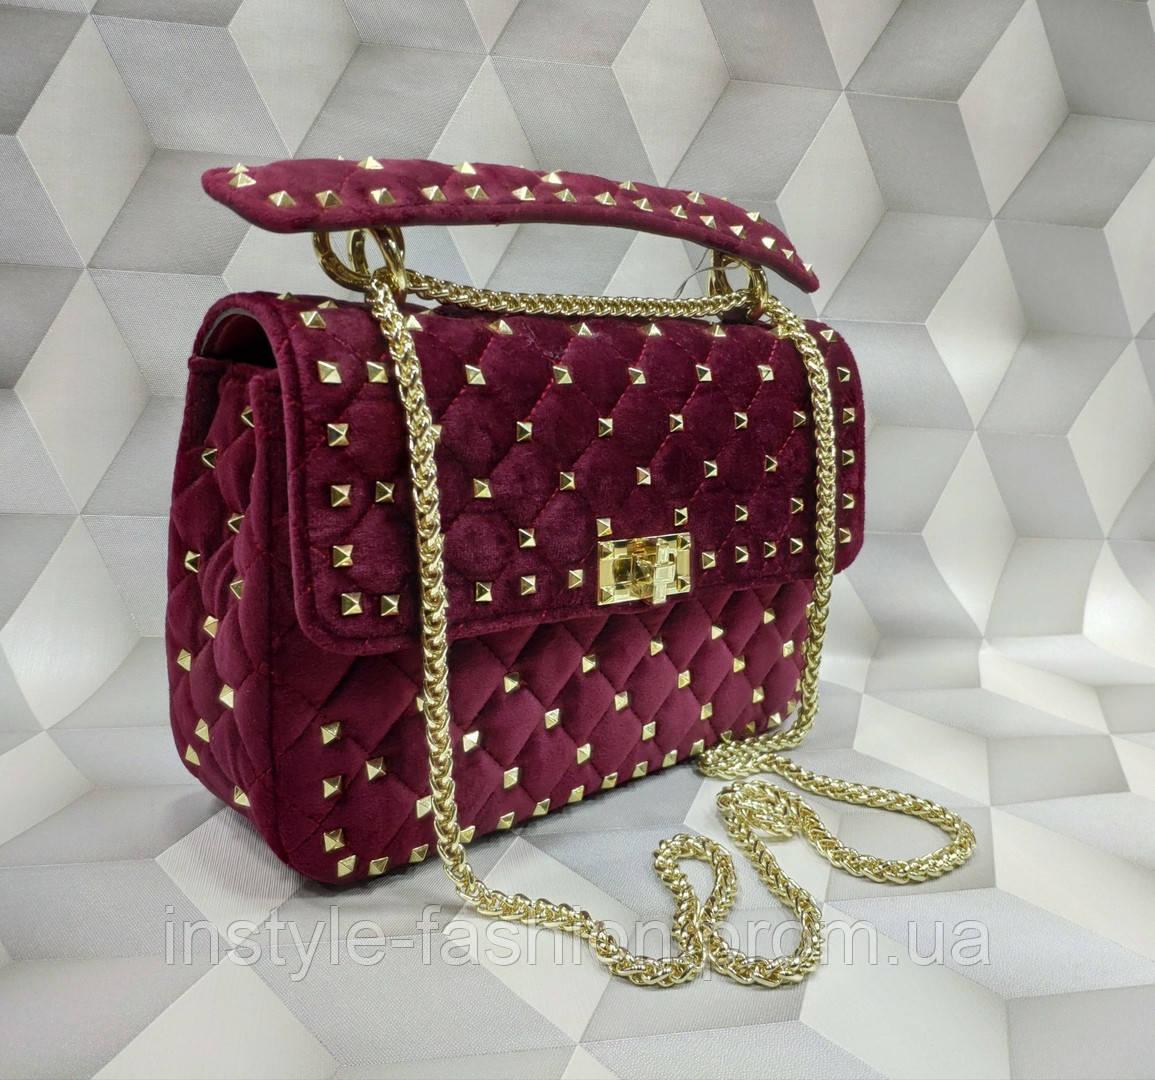 Женская сумка копия Валентино Valentino ткань велюр цвет бордовый